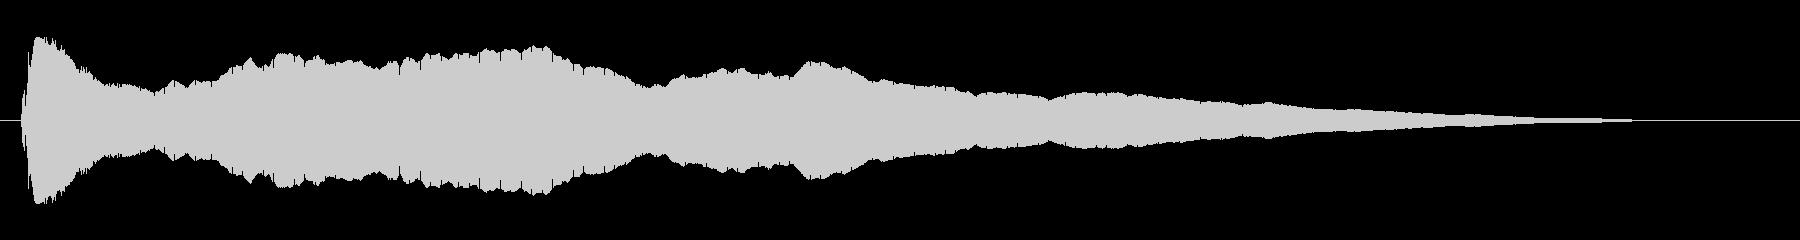 キュイーン (レーダー音)の未再生の波形